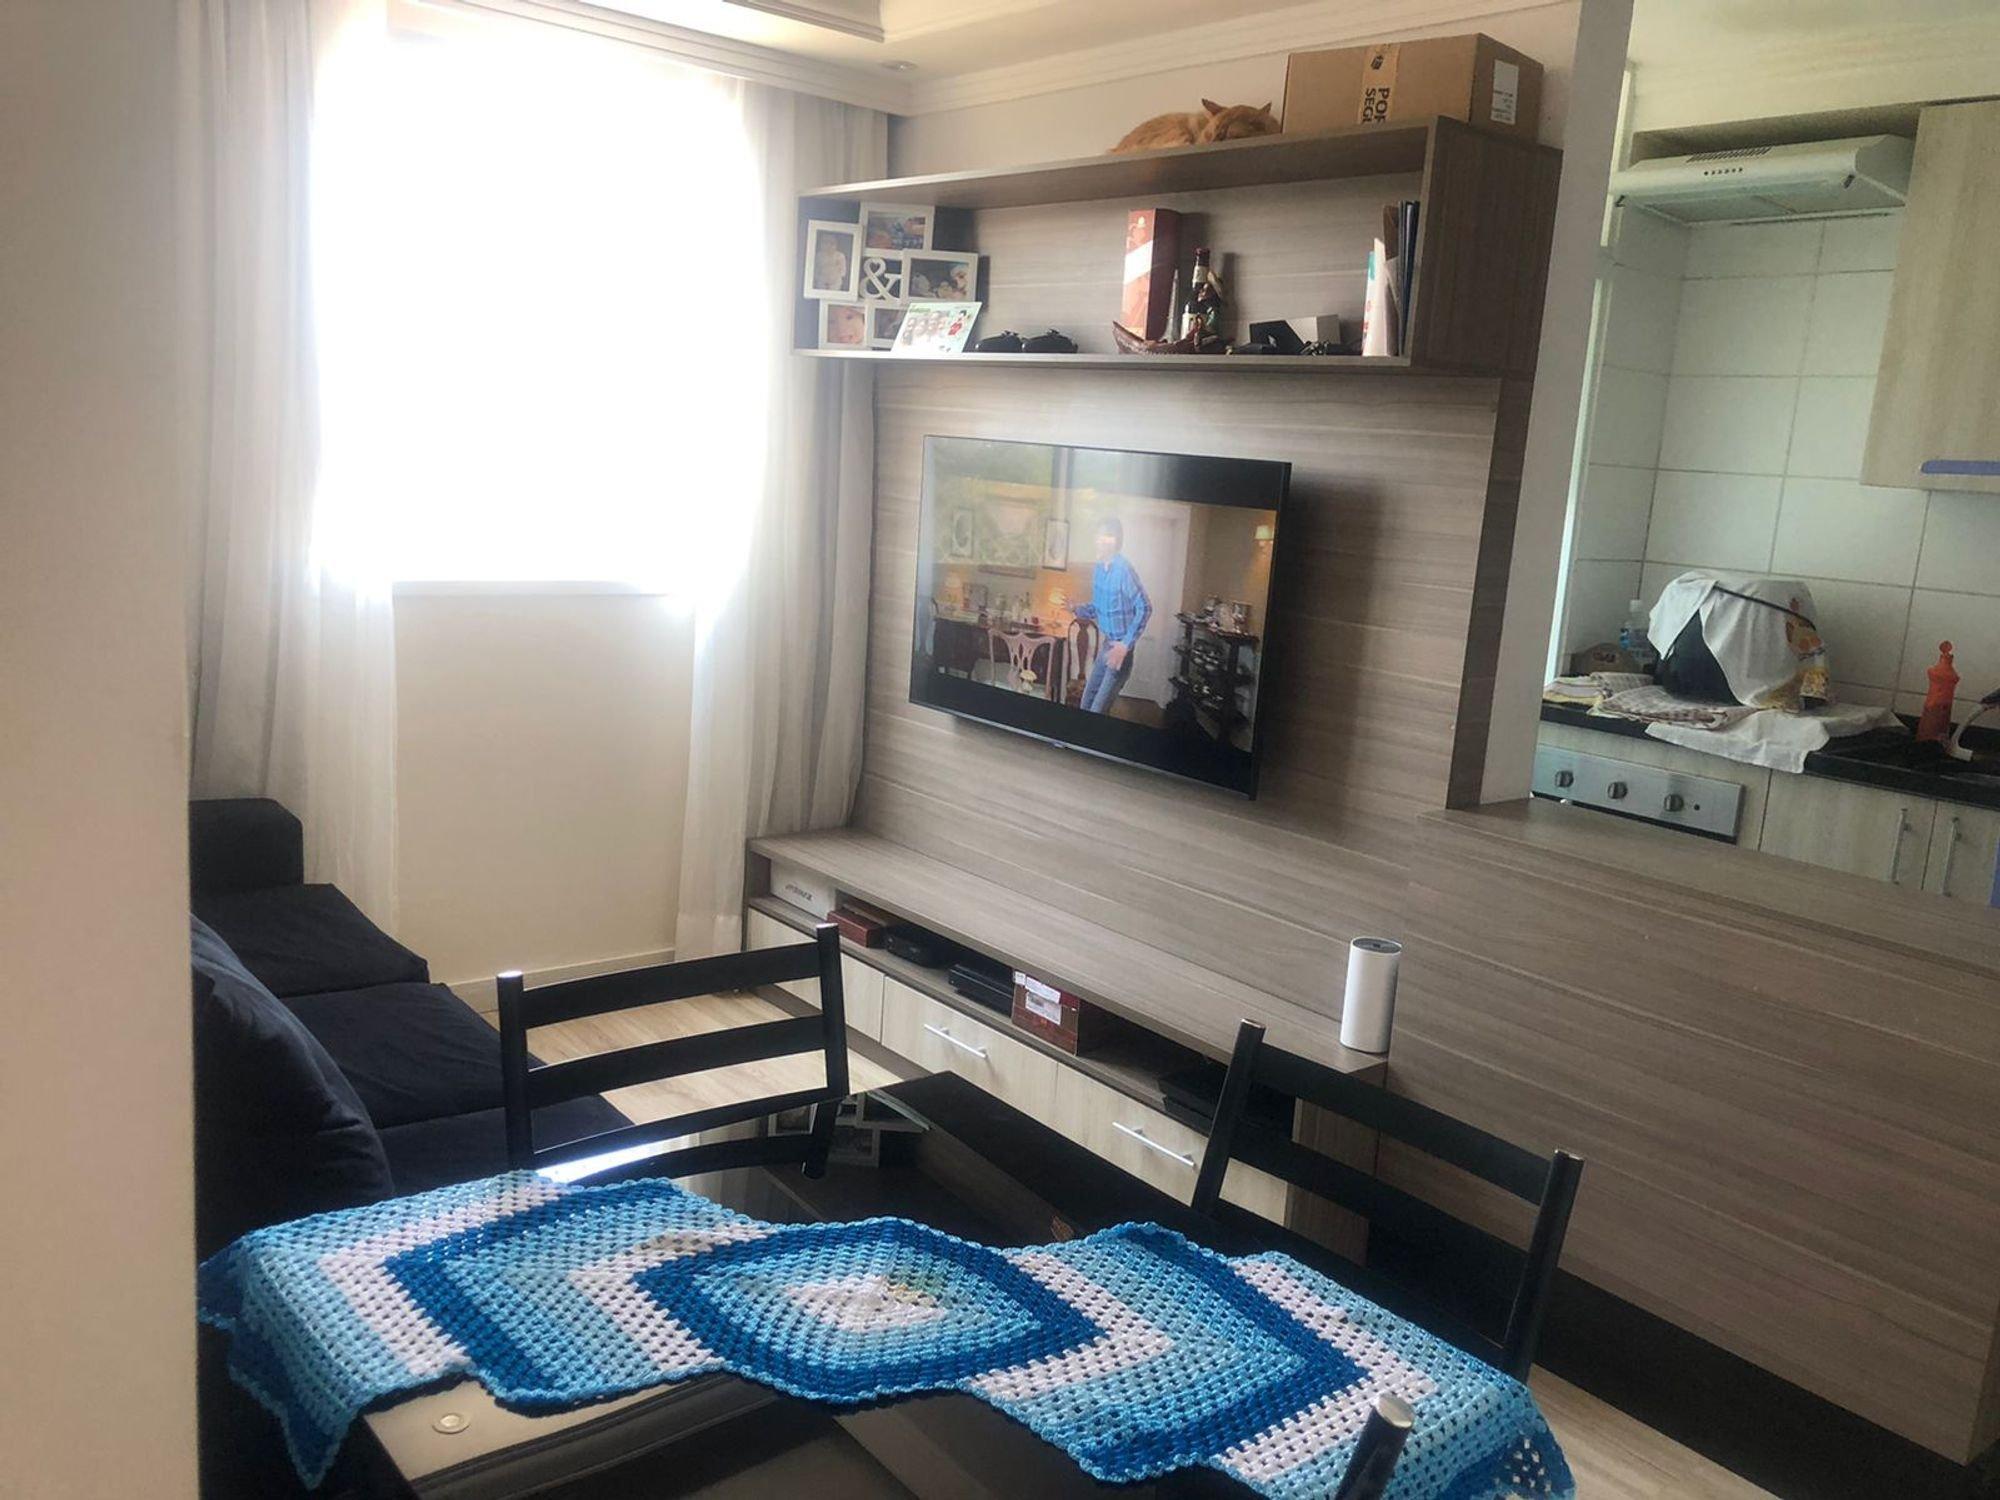 Foto de Sala com cama, televisão, garrafa, cadeira